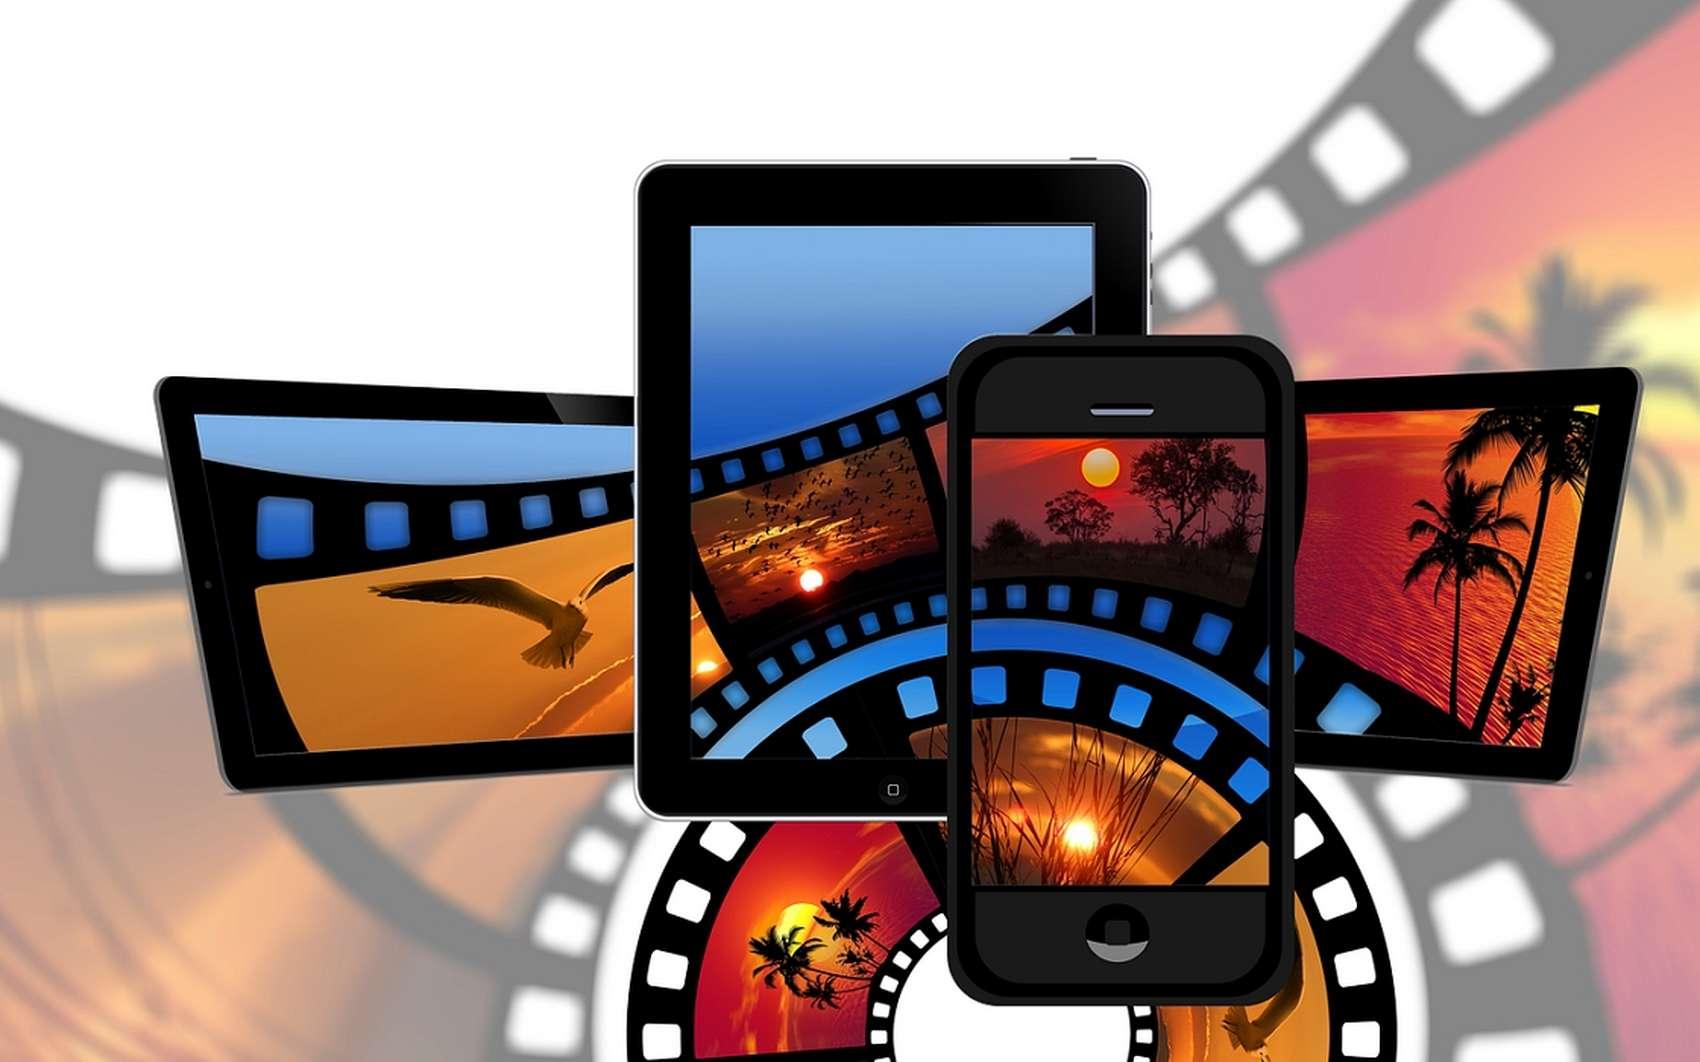 Quik intègre des algorithmes intelligents qui facilitent le montage vidéo et ne demandent aucune connaissance technique particulière. © Pixabay.com